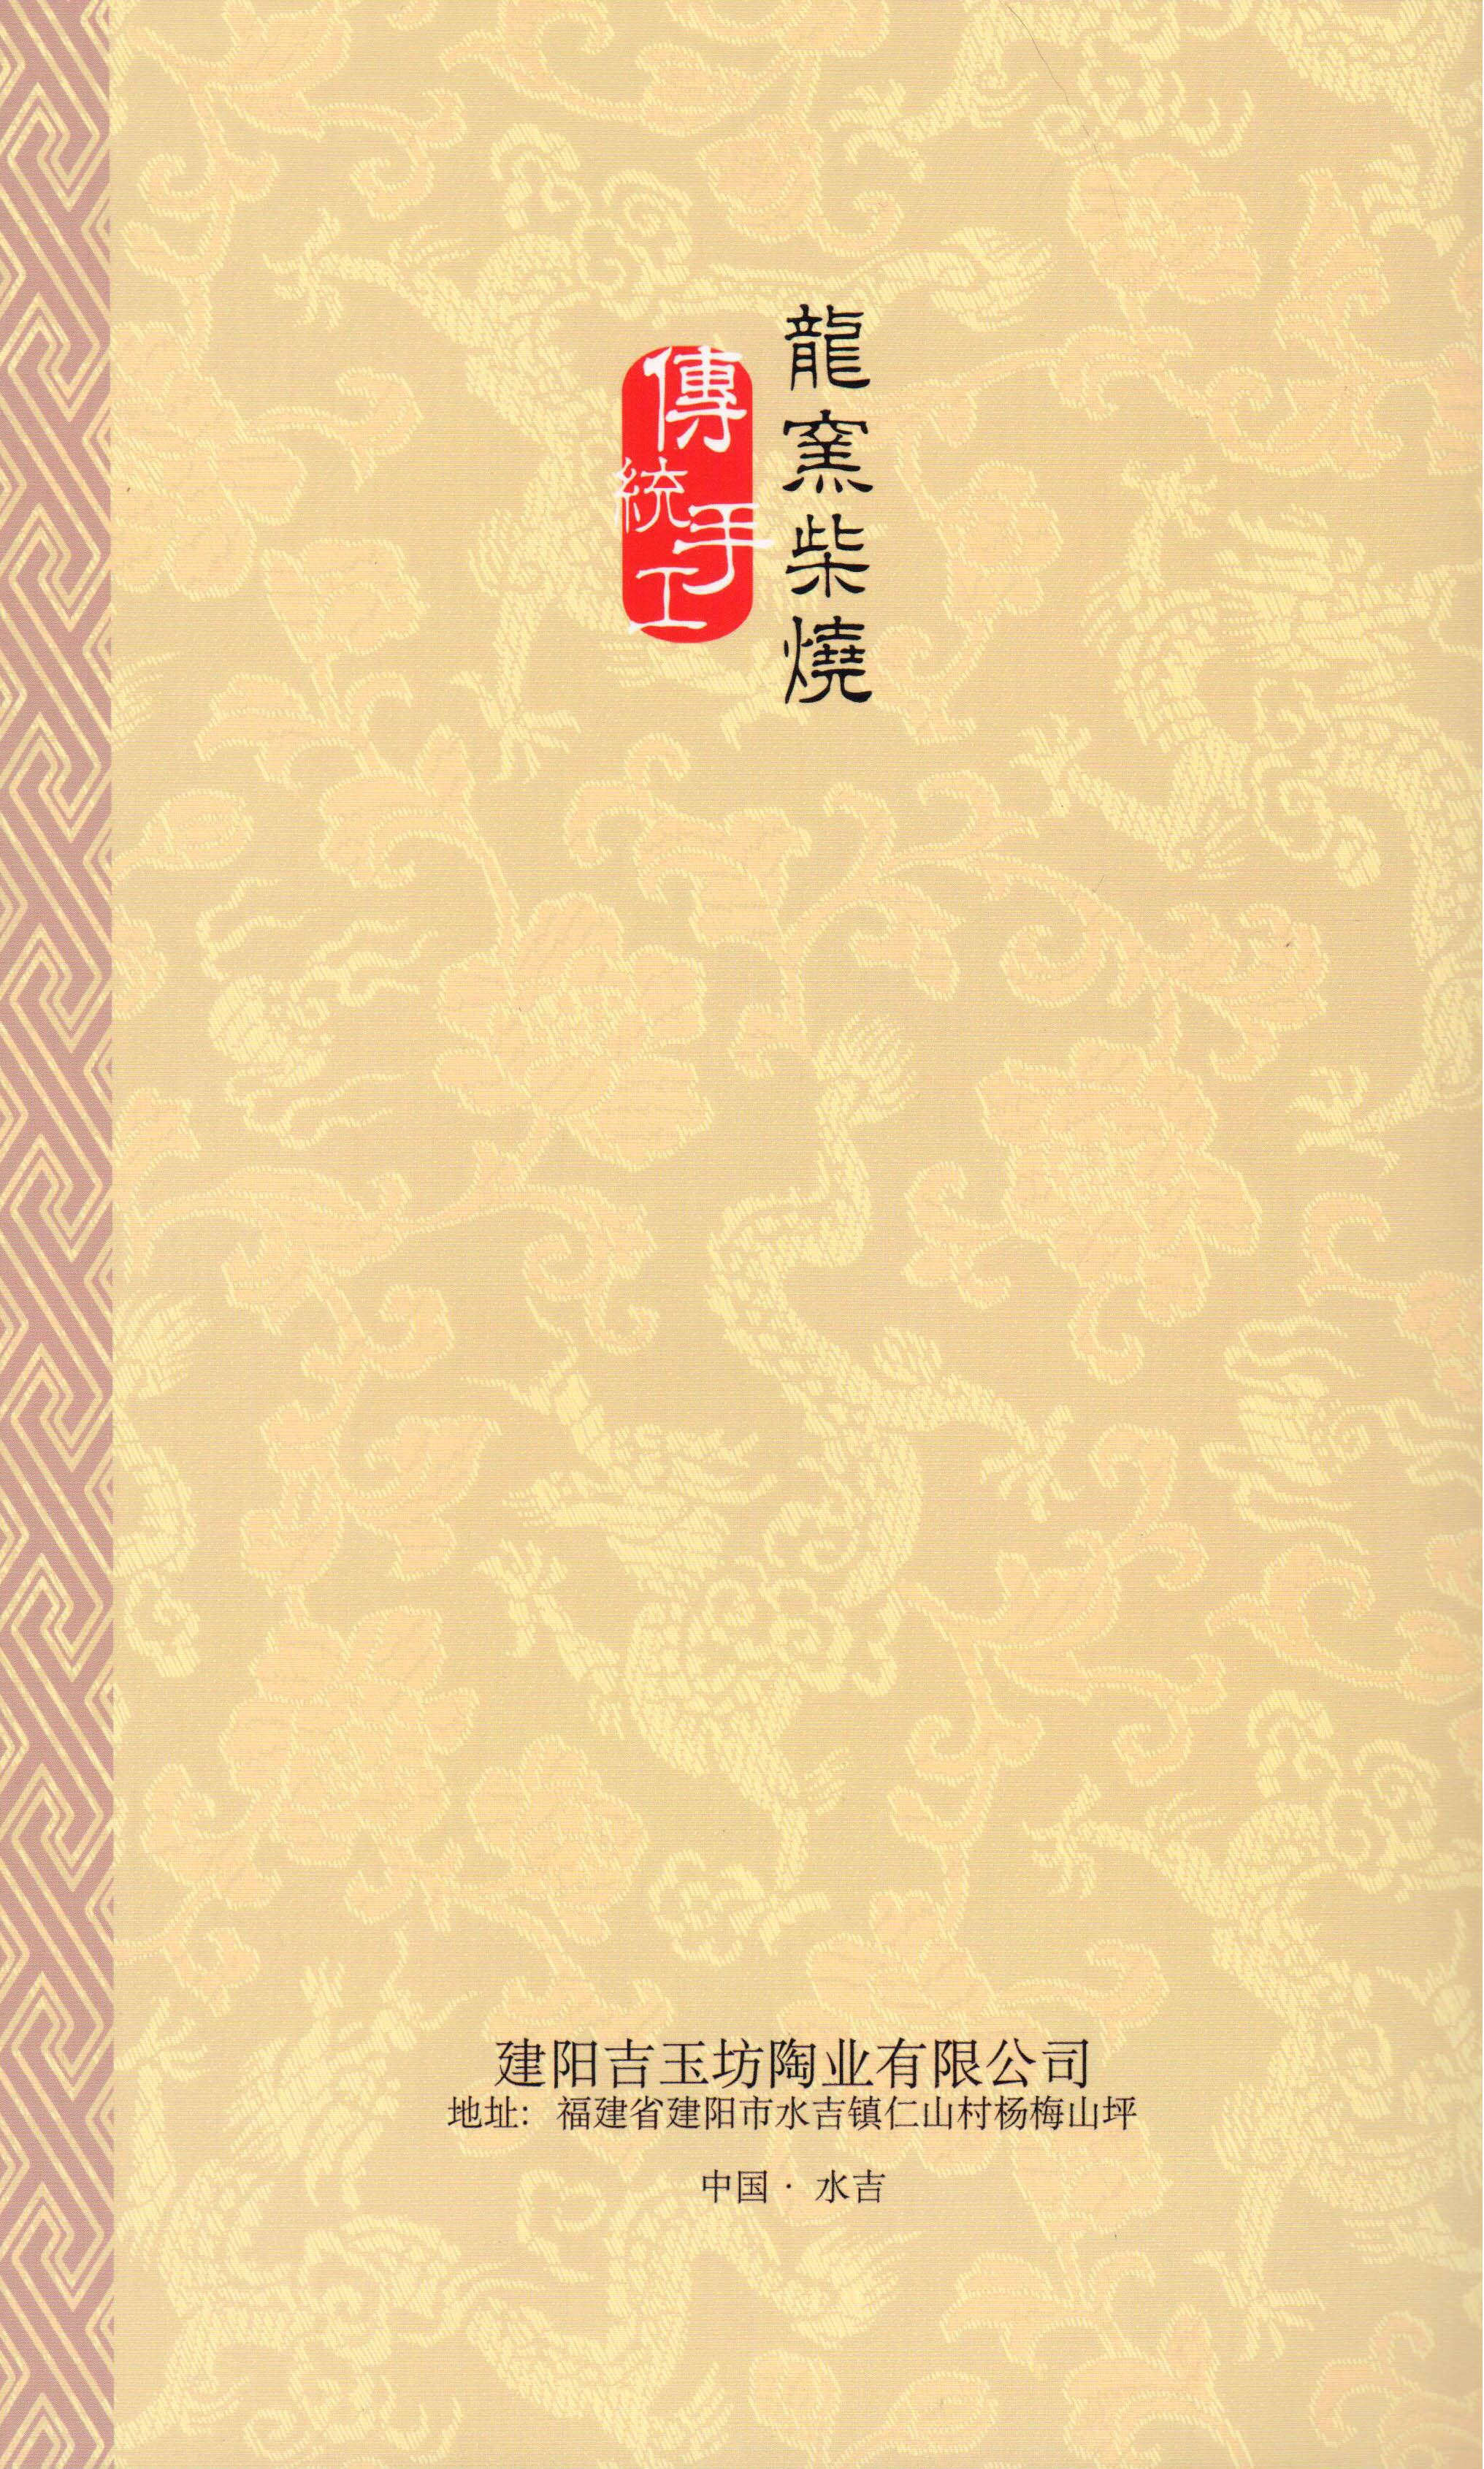 jiyufang_laolongyao-36